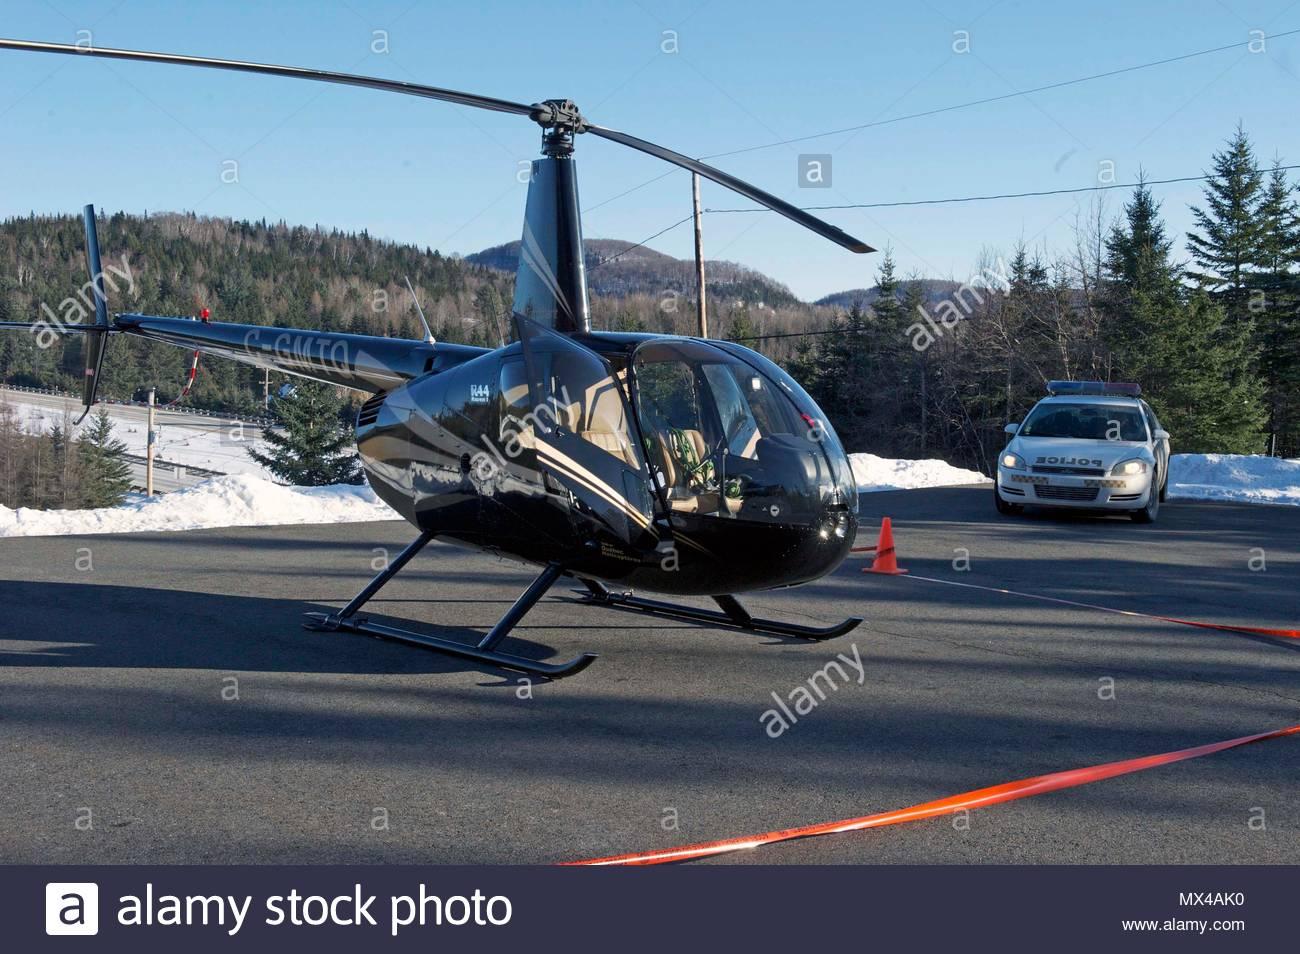 Elicottero Usato : Elicottero usato in prison break. il robinson r44 elicottero che è